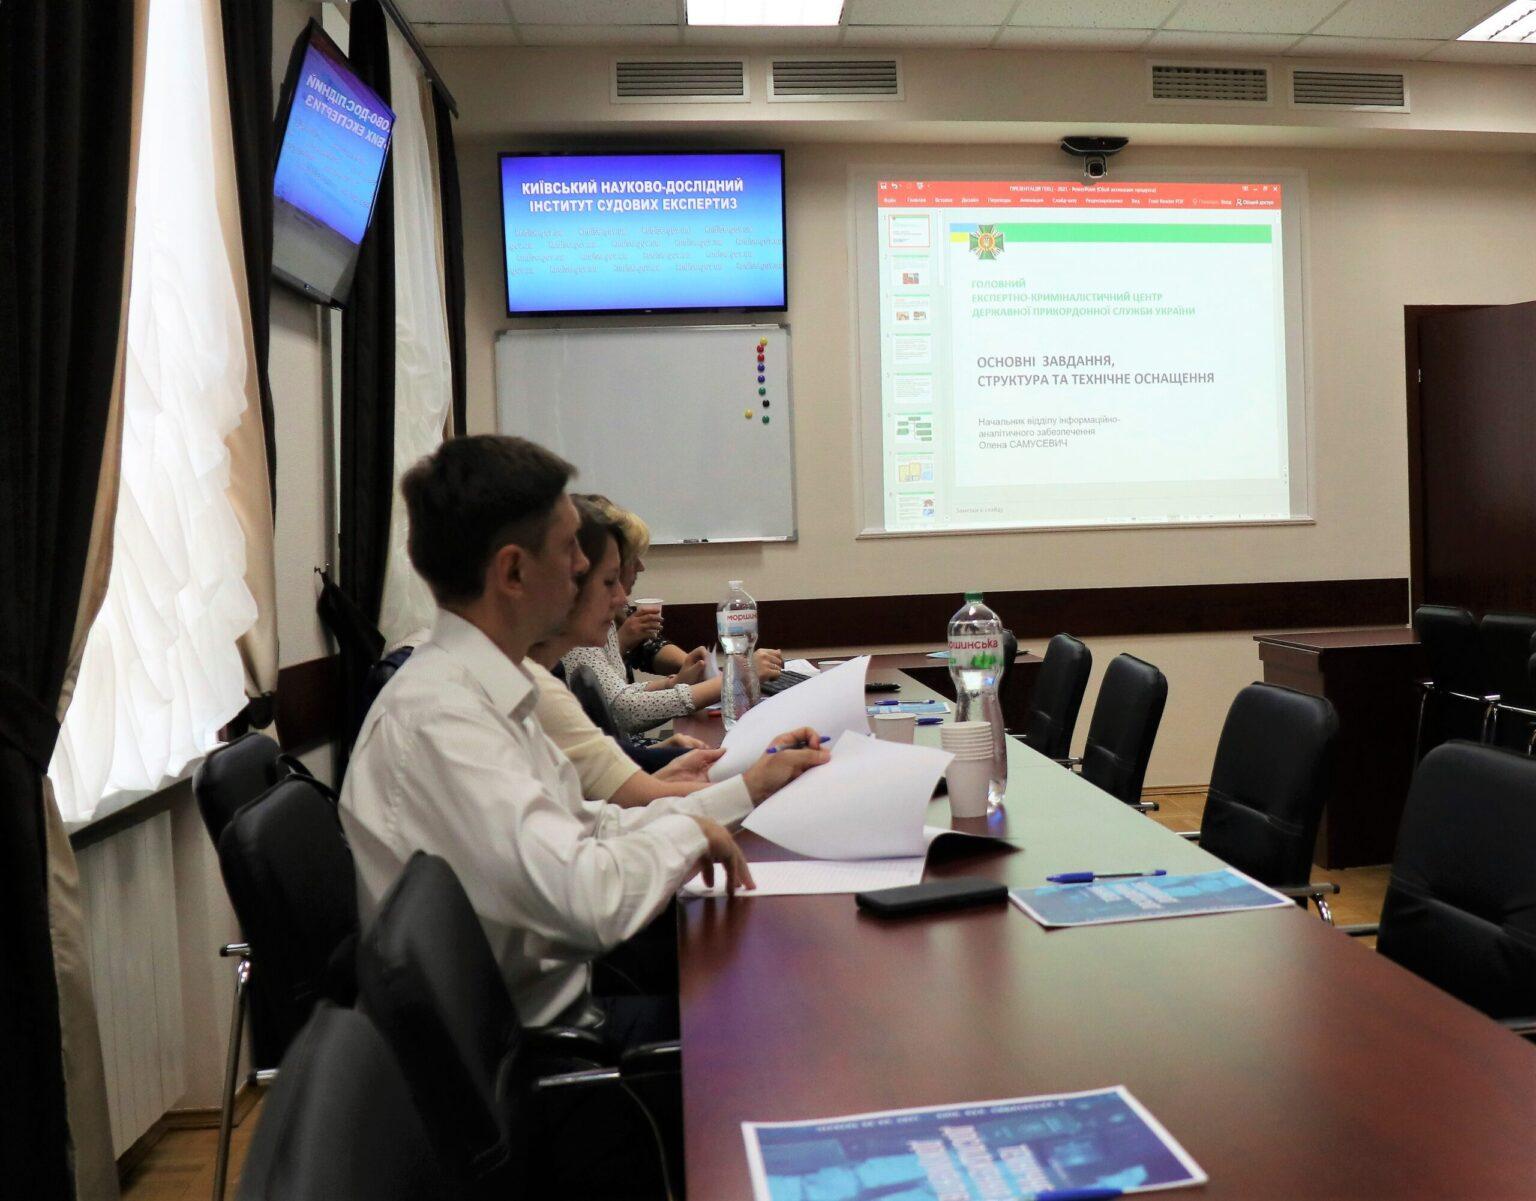 КНДІСЕ провів семінар «Перевірка справжності паспортних документів та приклади виявлених підробок»